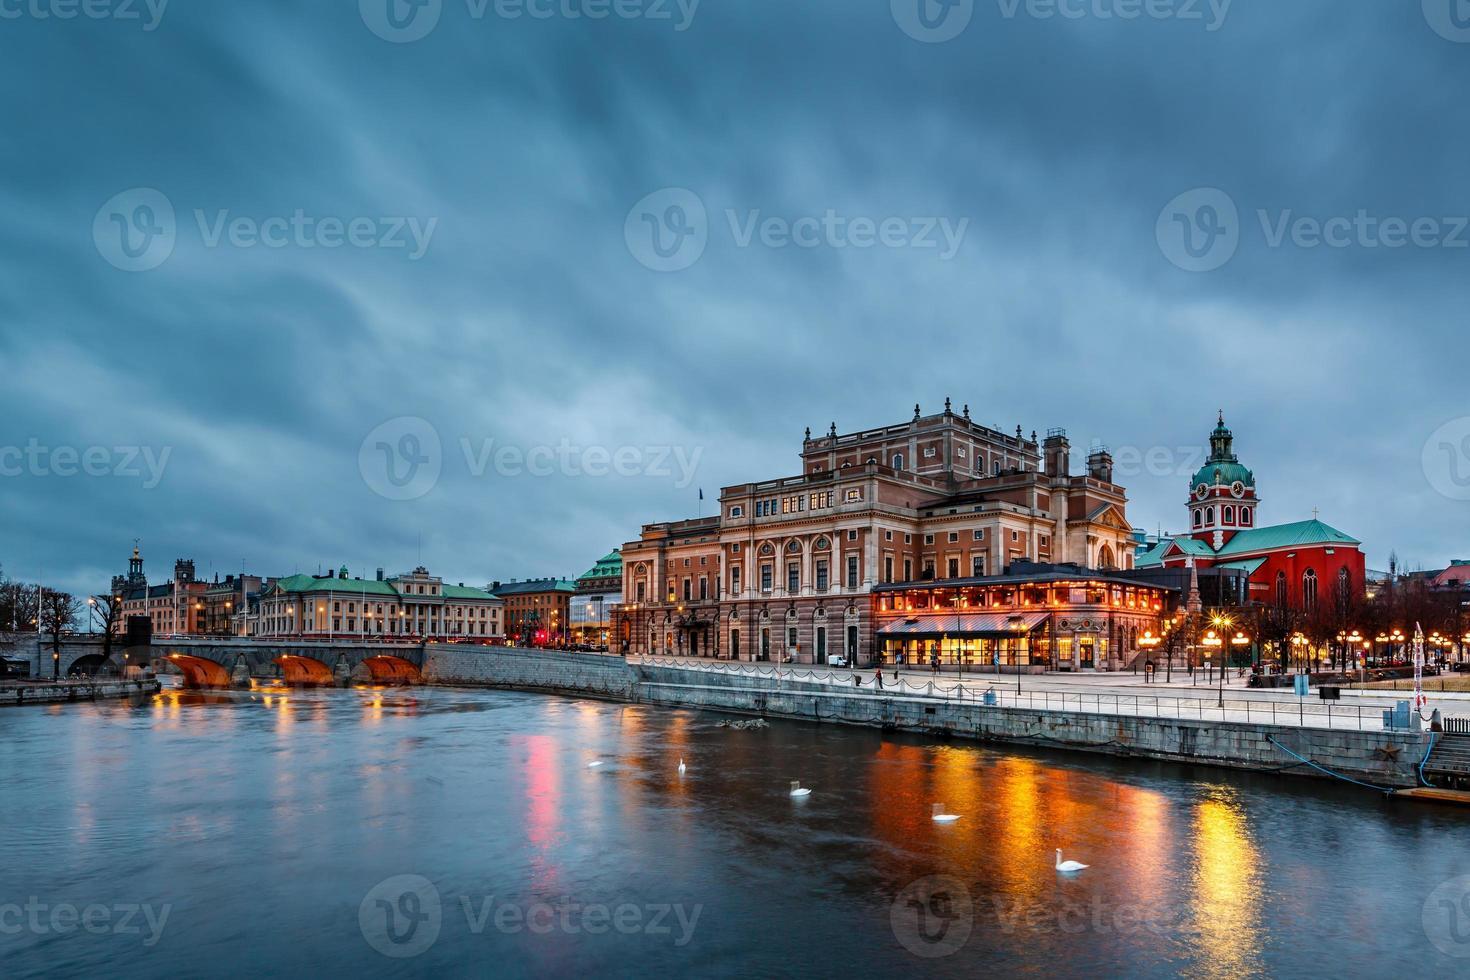 Opera reale di Stoccolma illuminata la sera, Svezia foto